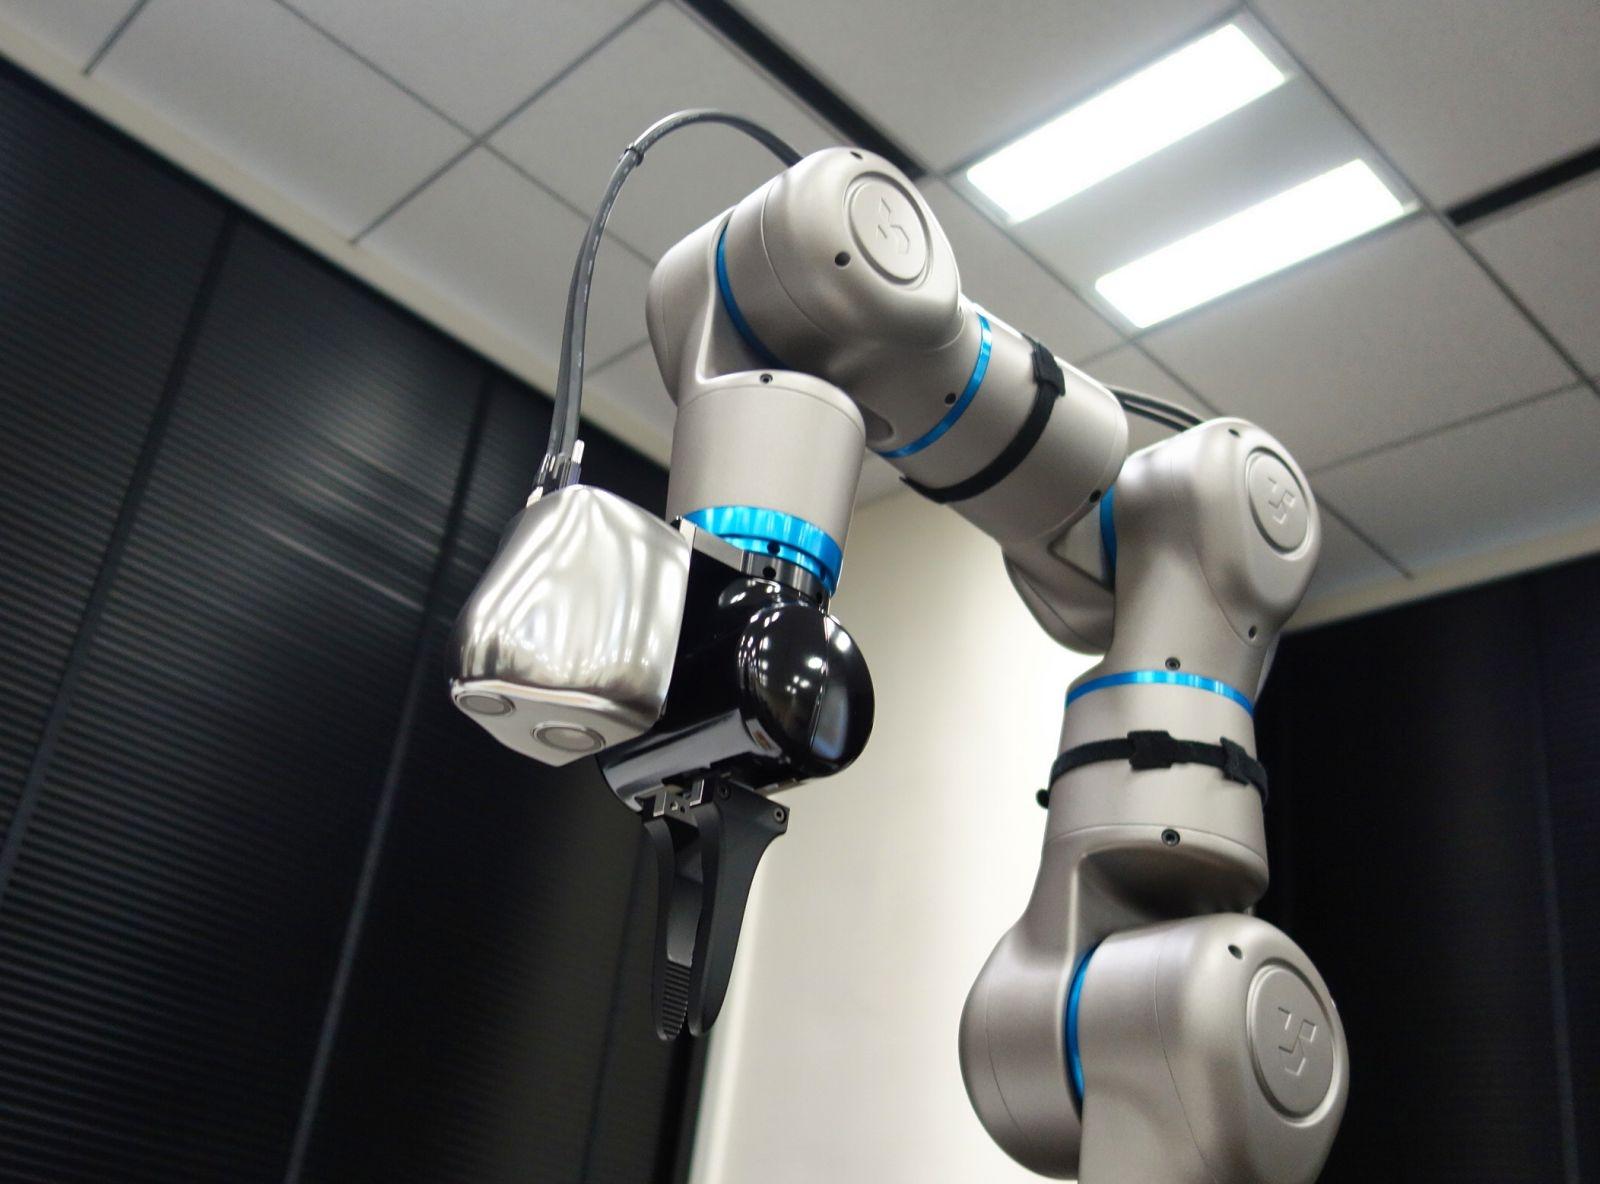 ロボットアームの先端付近に搭載できる 質量460gと軽い(撮影:日経クロステック)